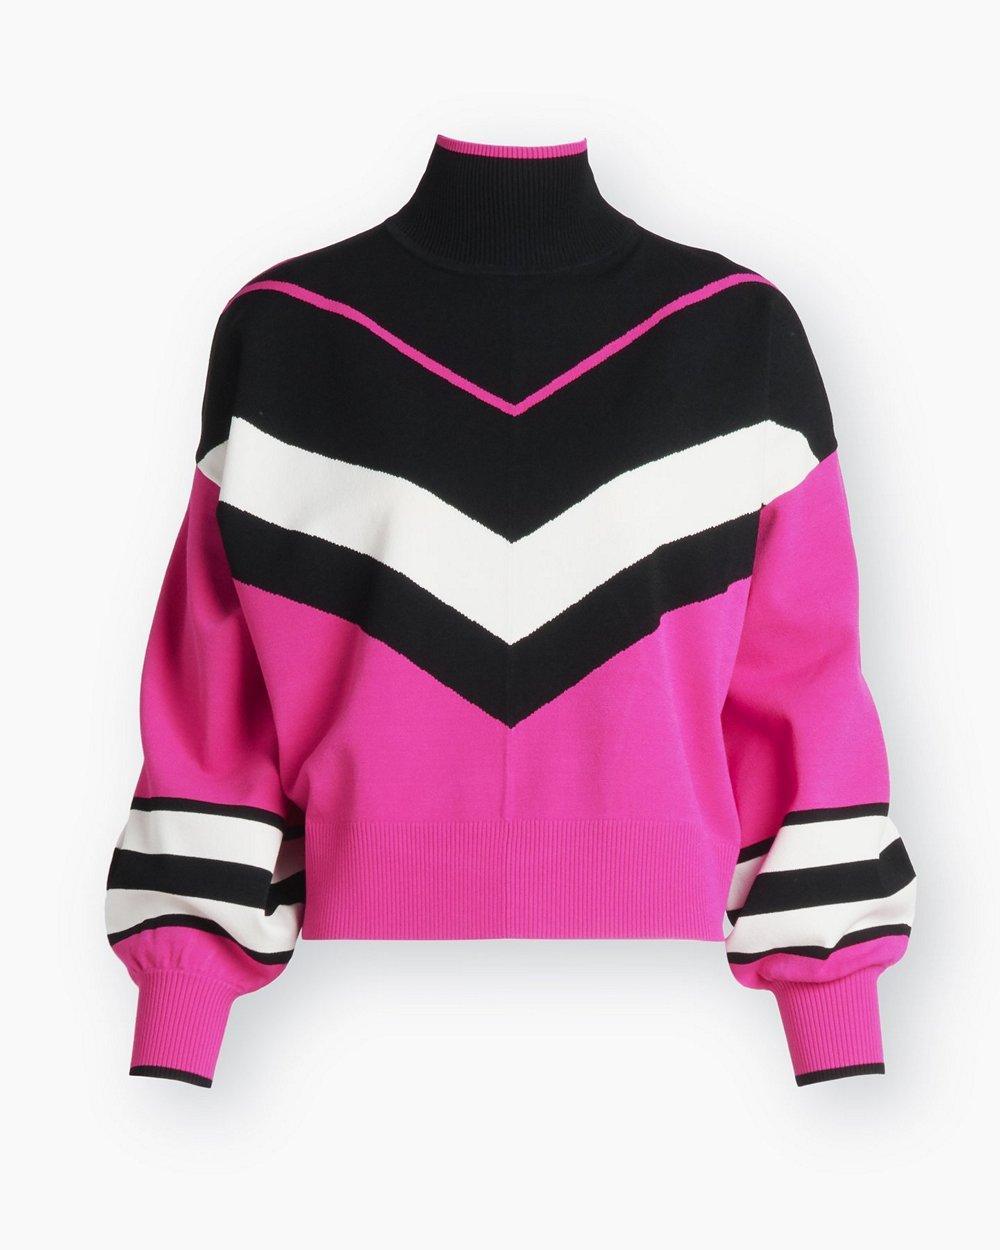 Kyra Colorblocked Turtleneck Sweater Item # H20K539845